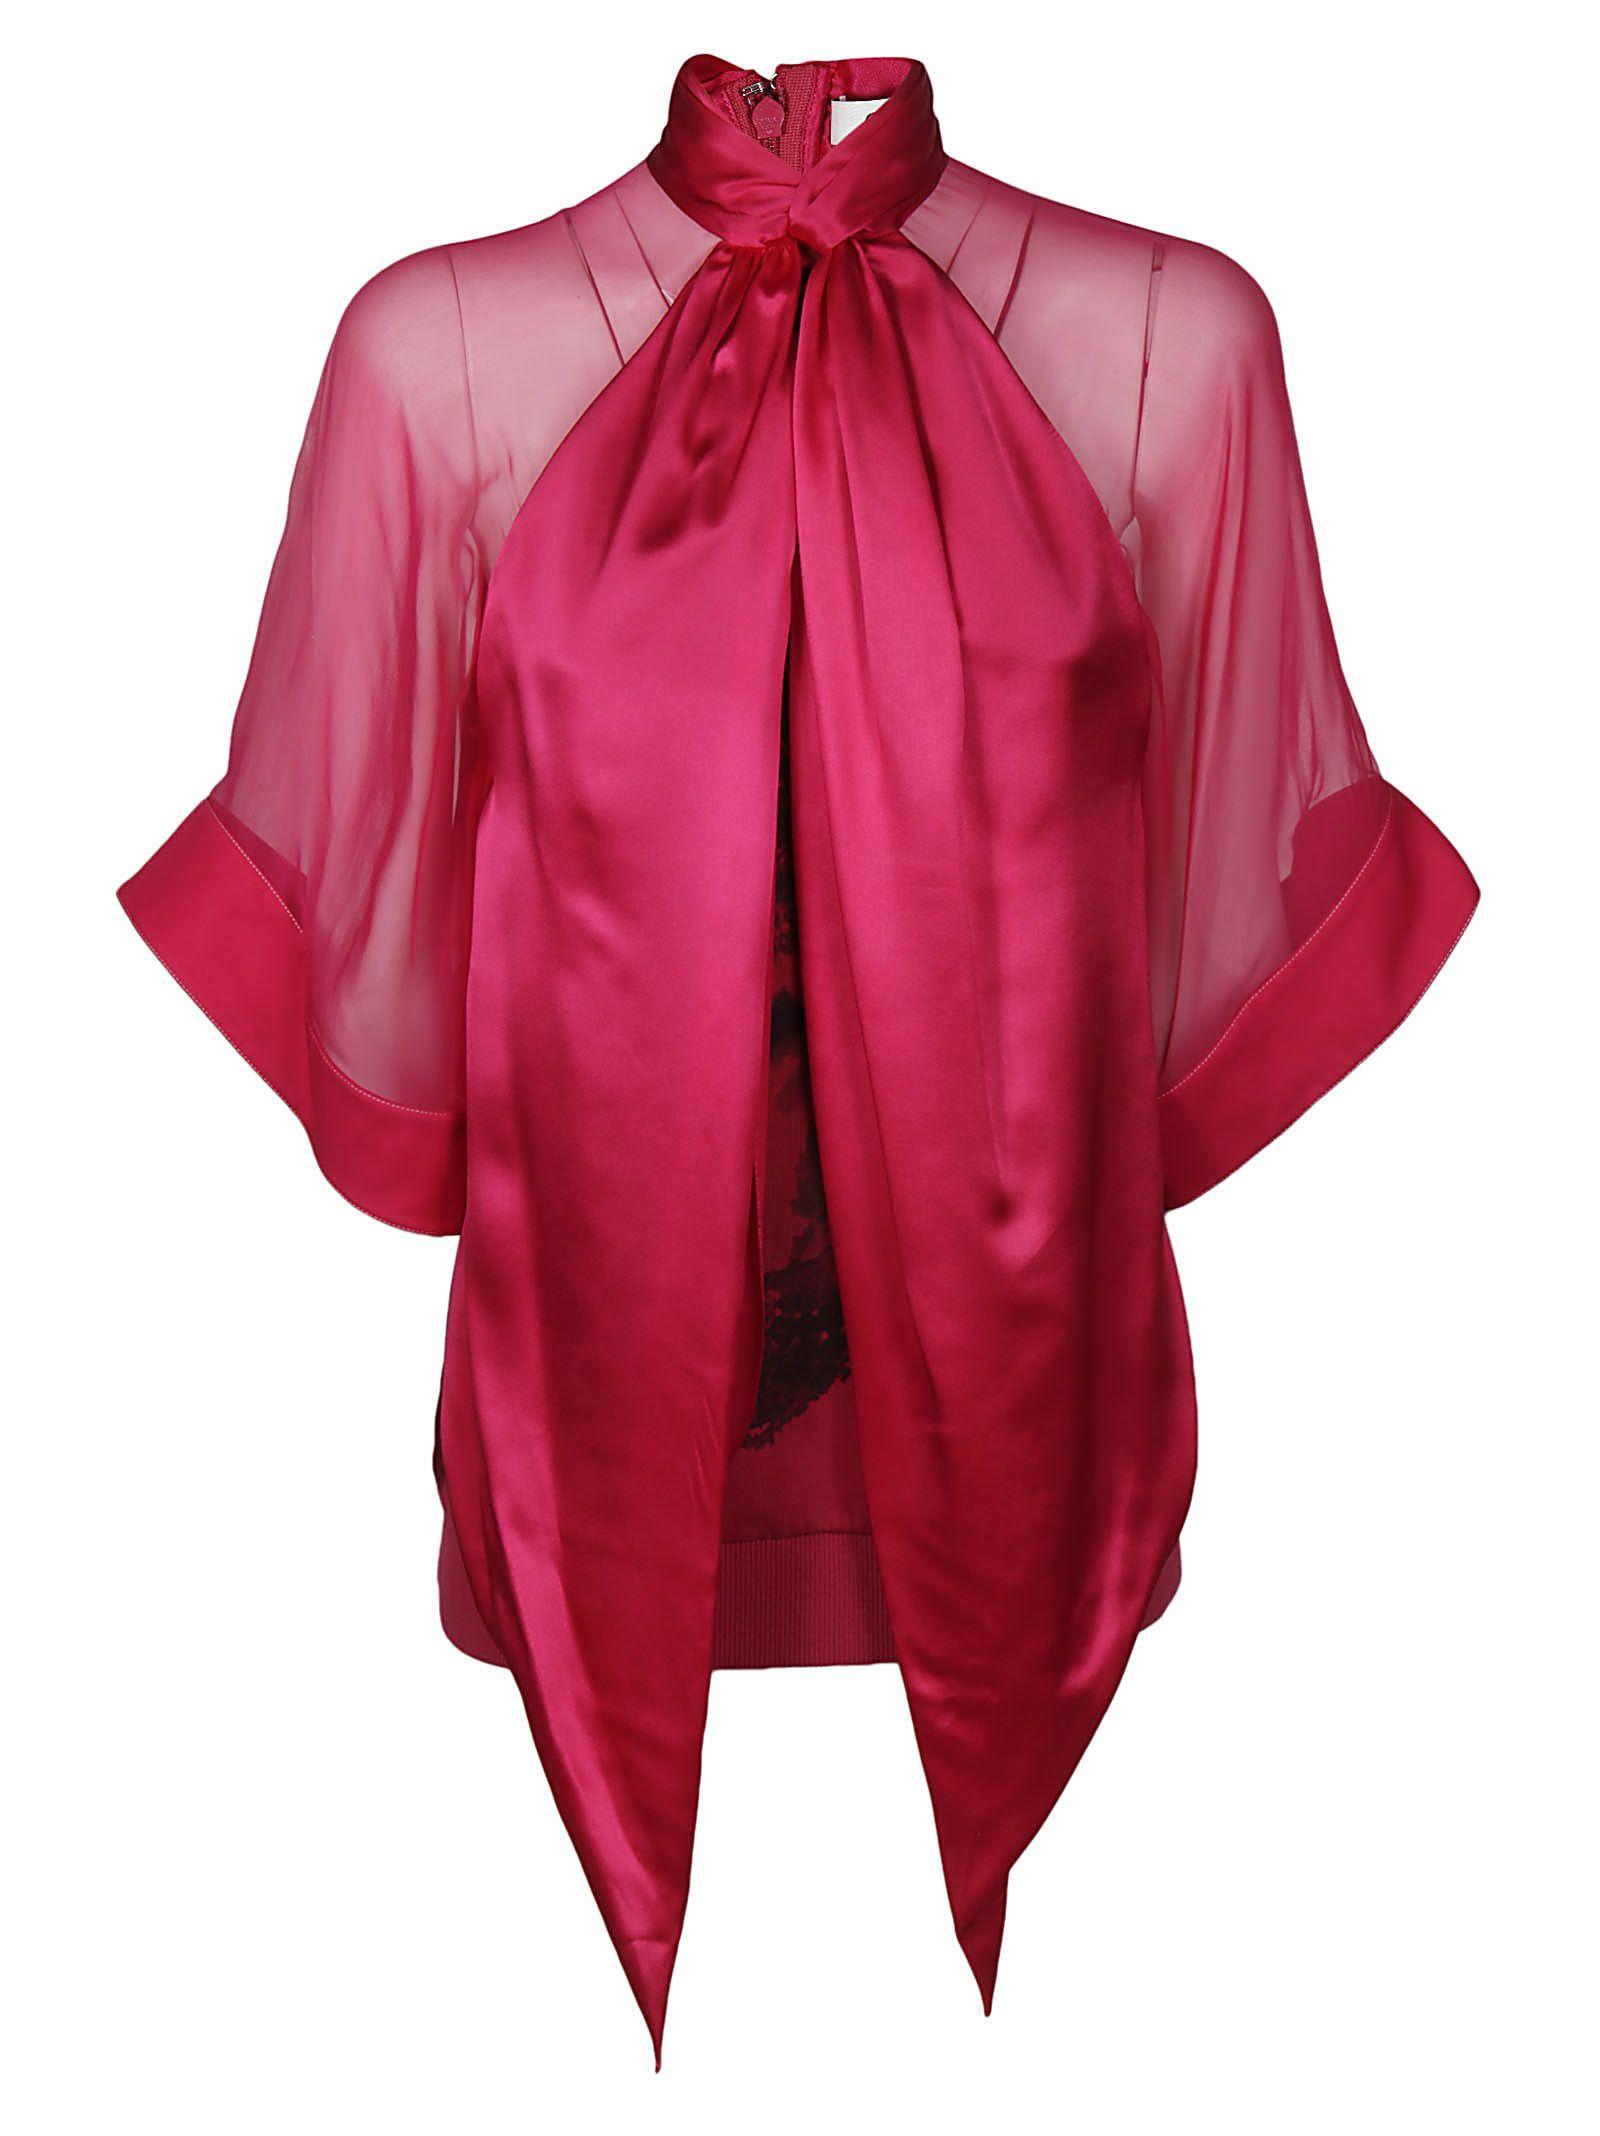 Givenchy Bow Detail Shirt